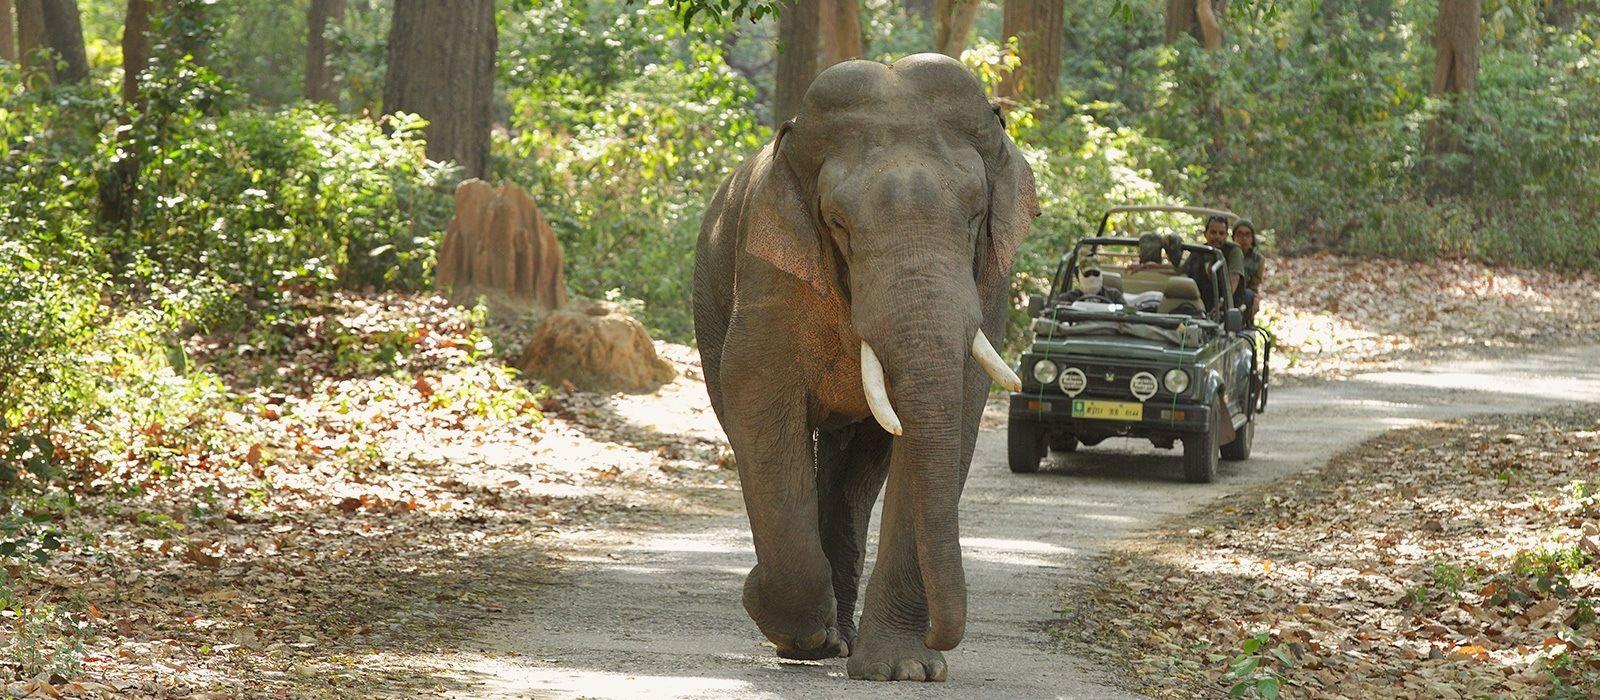 Rajasthan-Reise: Paläste und Tiger Urlaub 5